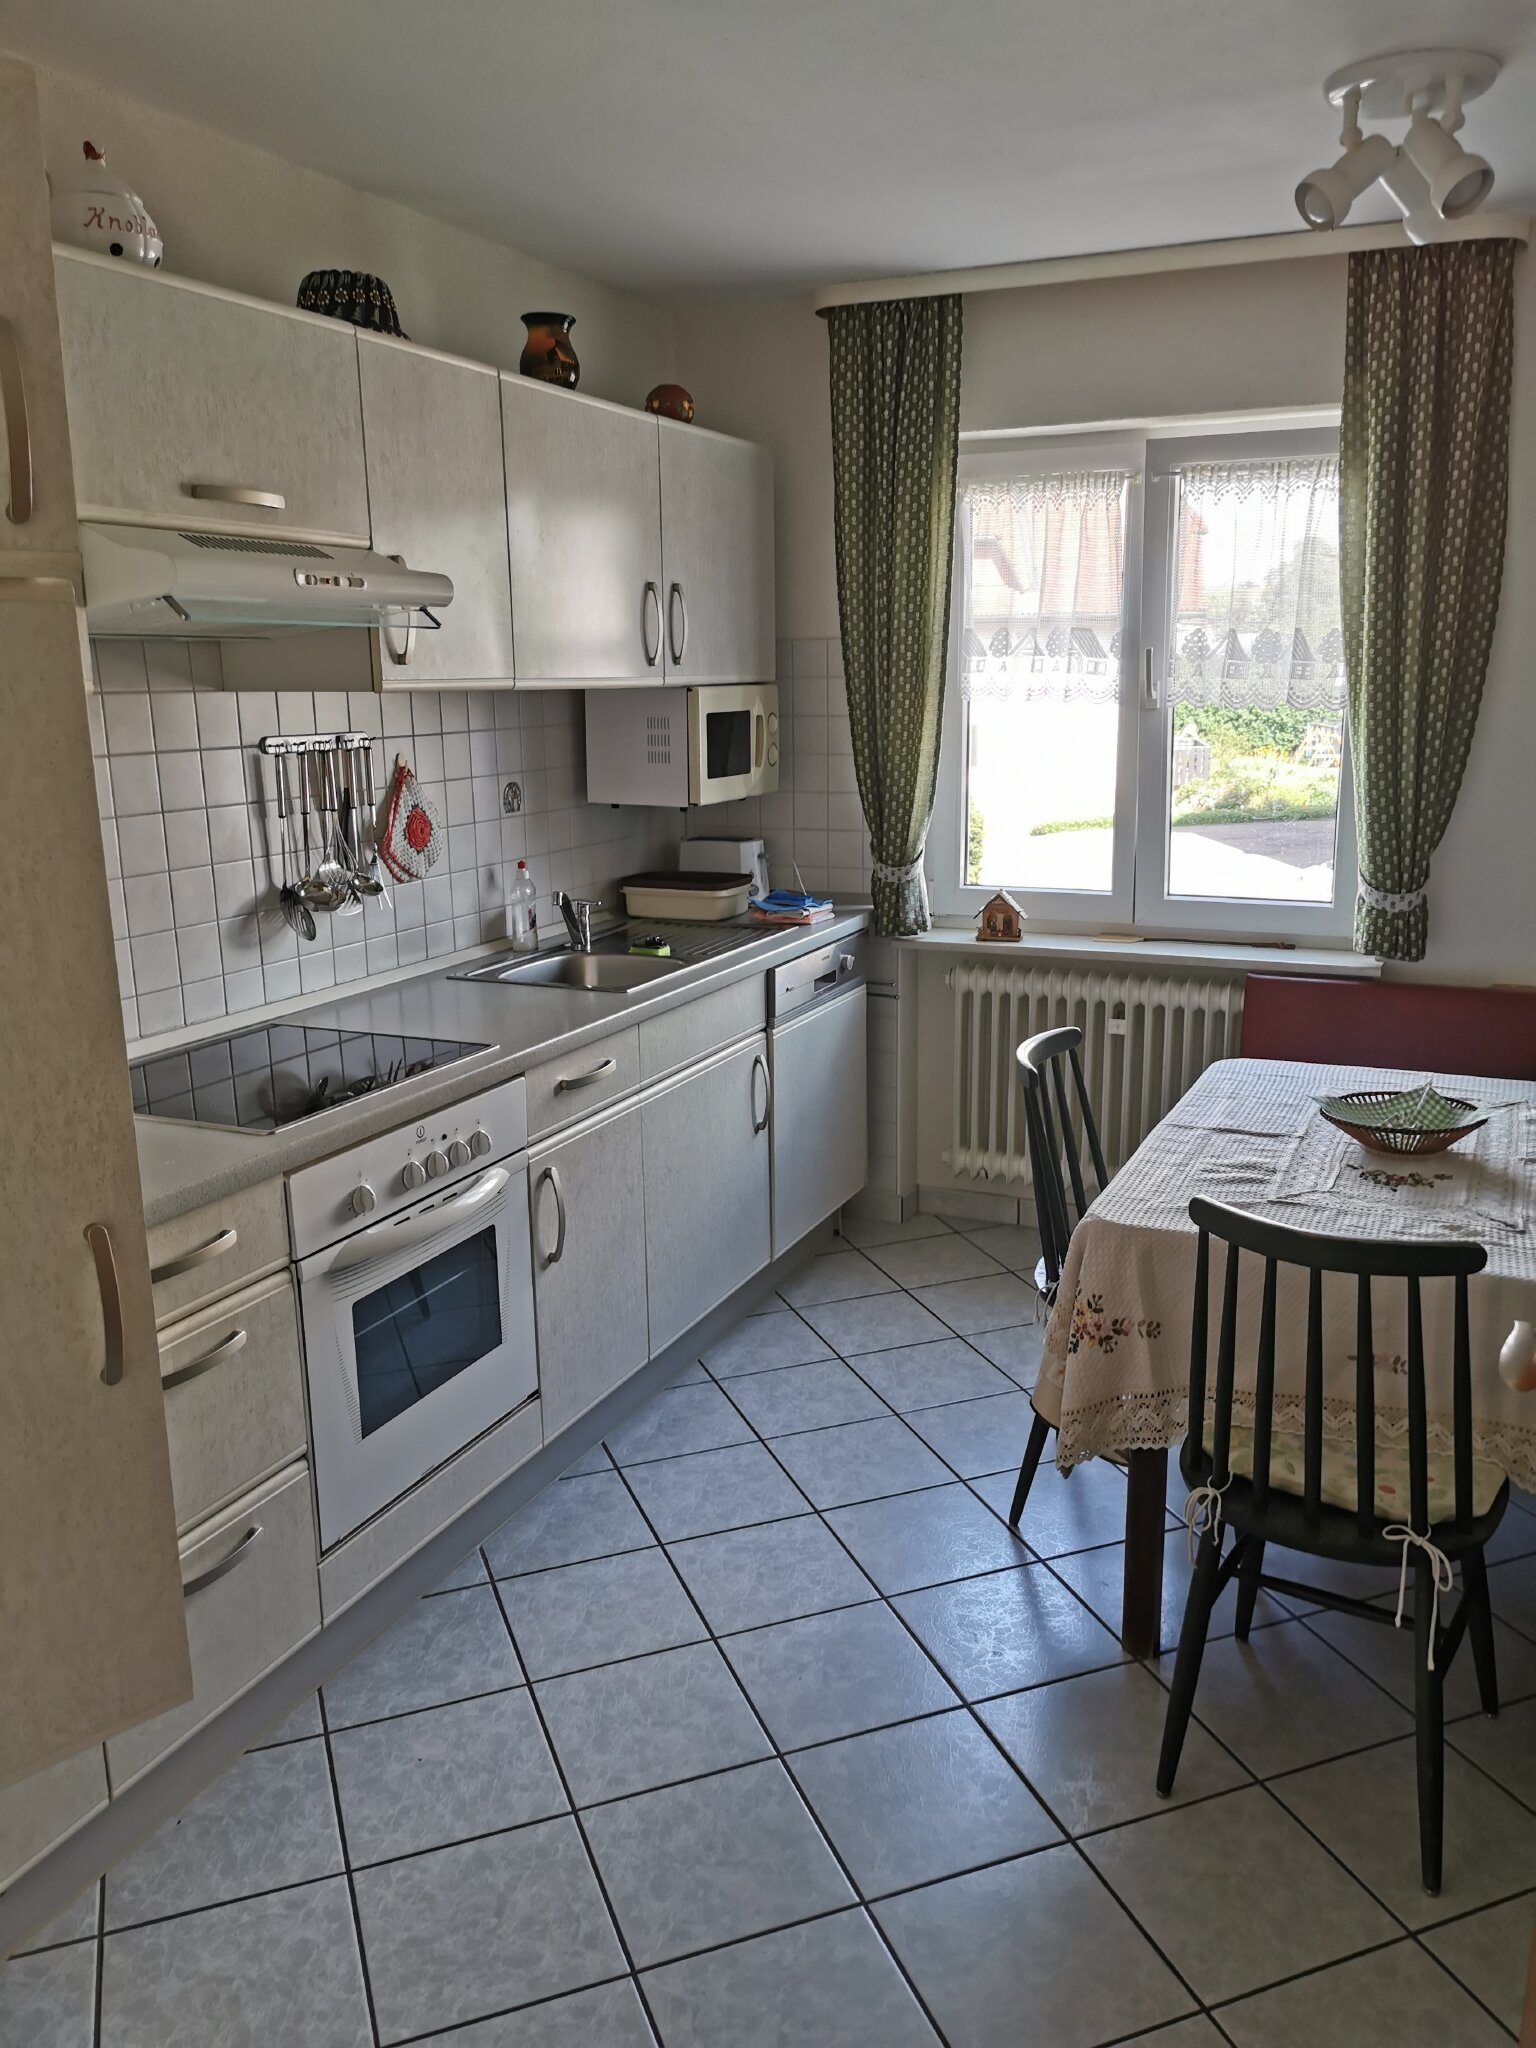 haus rothfu ferienwohnung parterre in friedenweiler. Black Bedroom Furniture Sets. Home Design Ideas